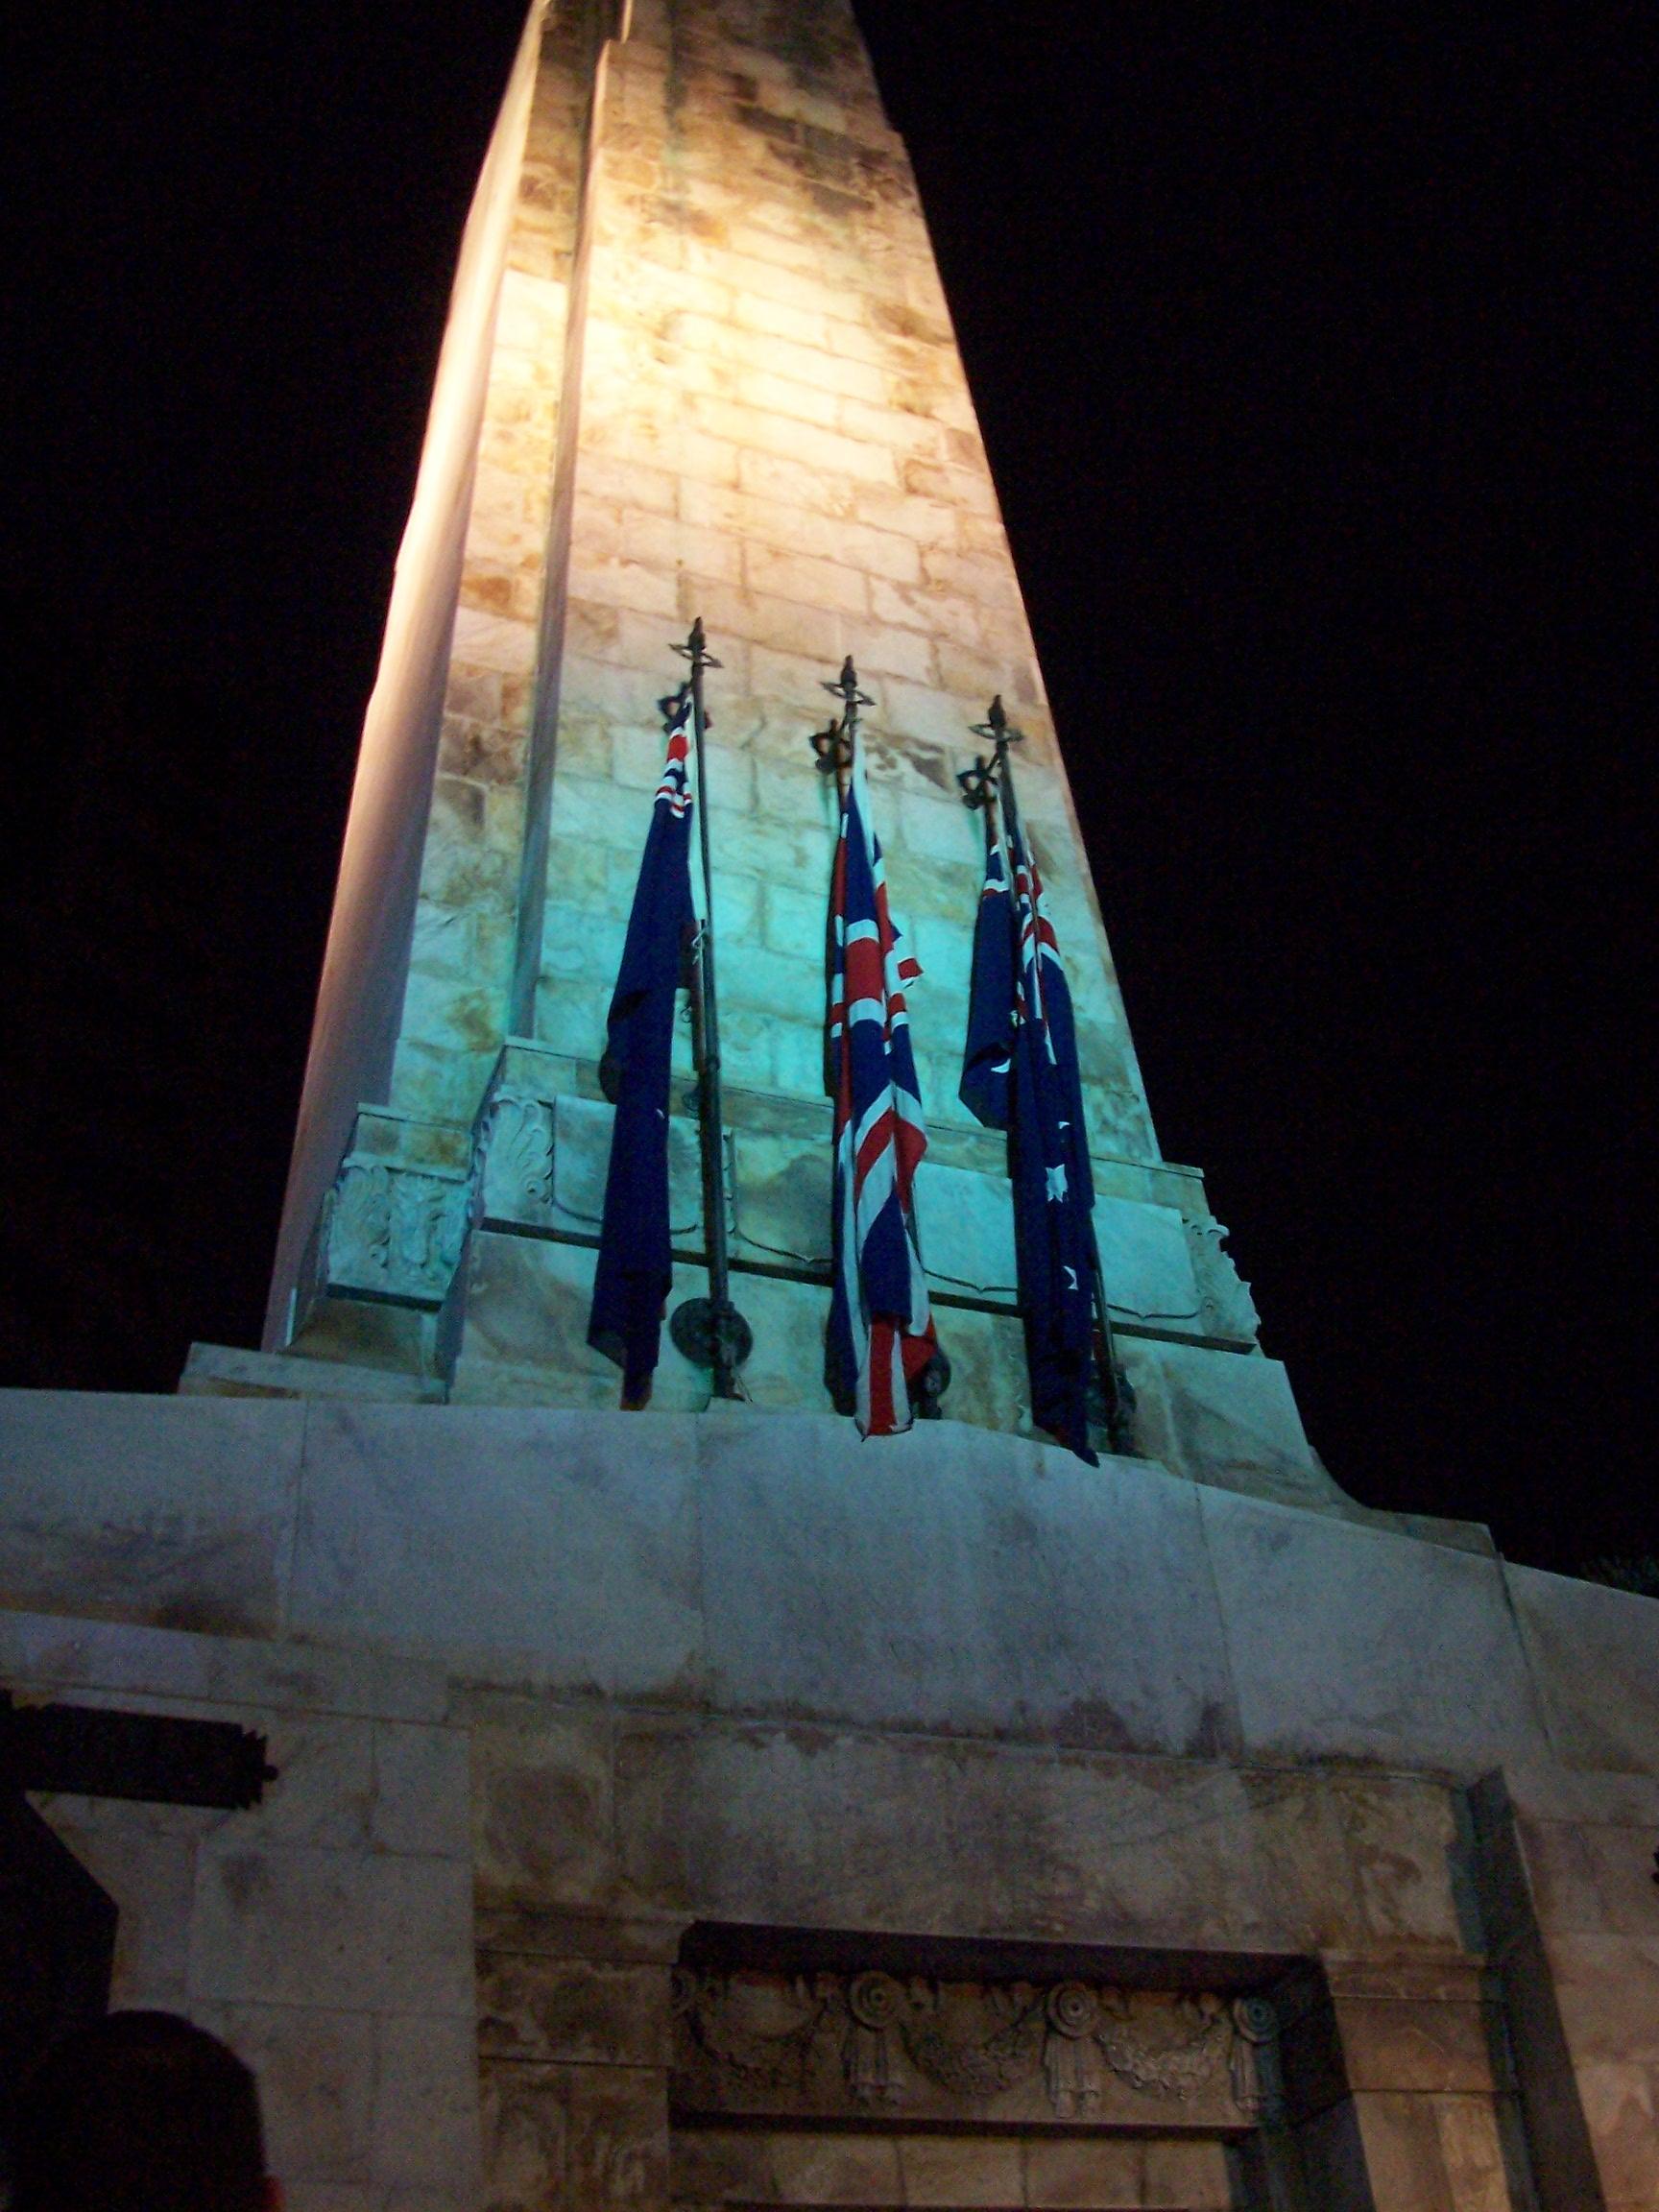 Gallipoli centenario Australia y Nueva Zelanda marca el Día de Anzac - BBC News